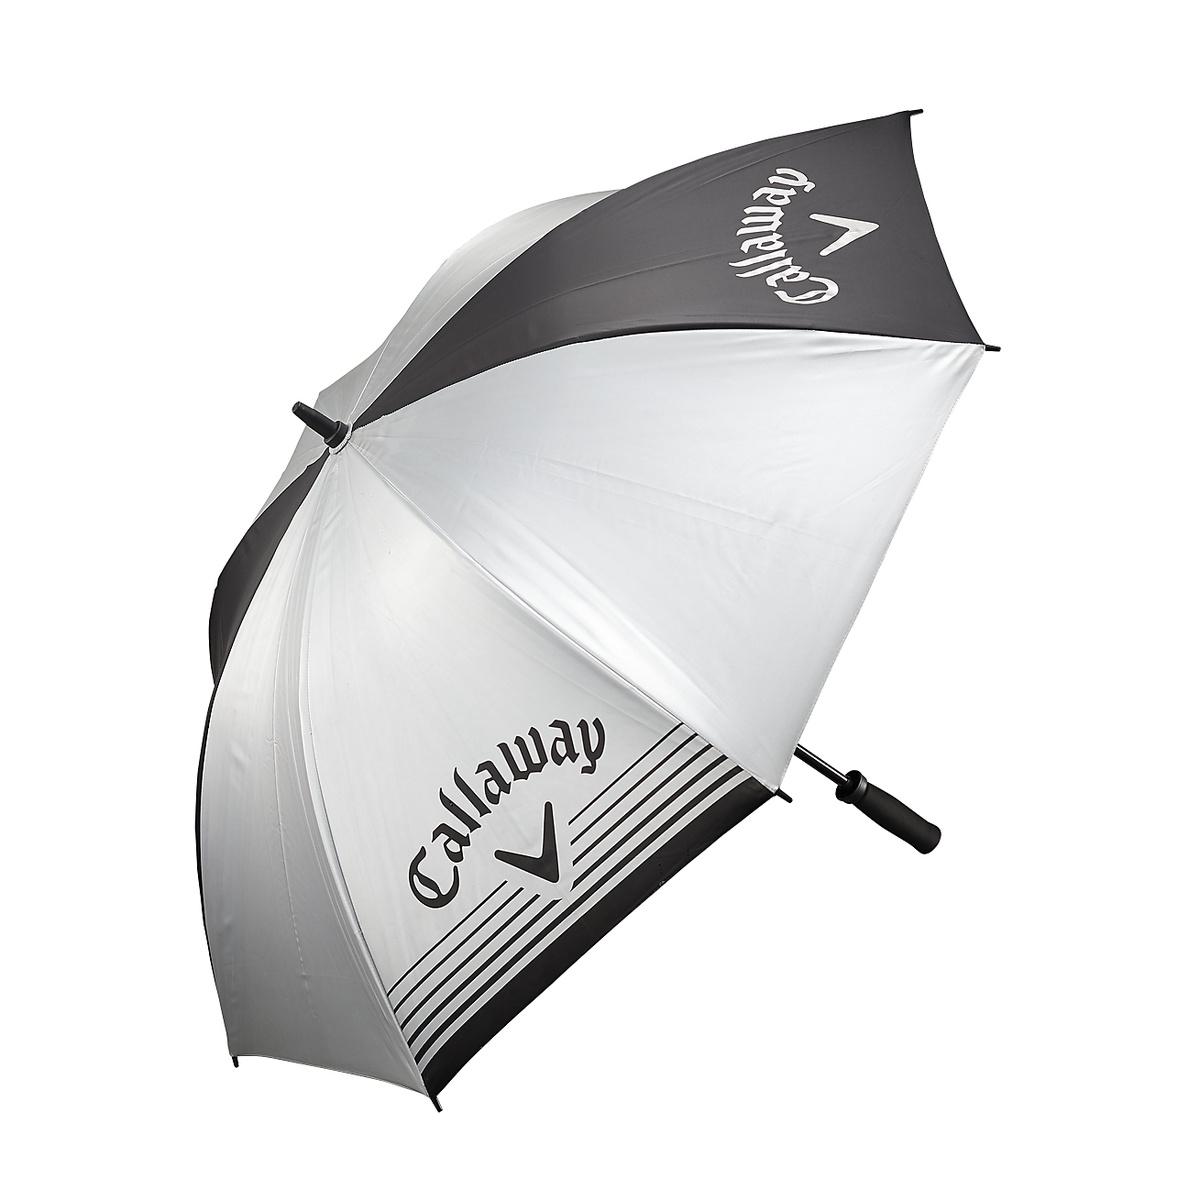 【送料無料】 Callaway (キャロウェイ) ゴルフ ゴルフ用品アクセサリー UM CG UV COLOR 70 BLK 19 JM メンズ BLK 5919209